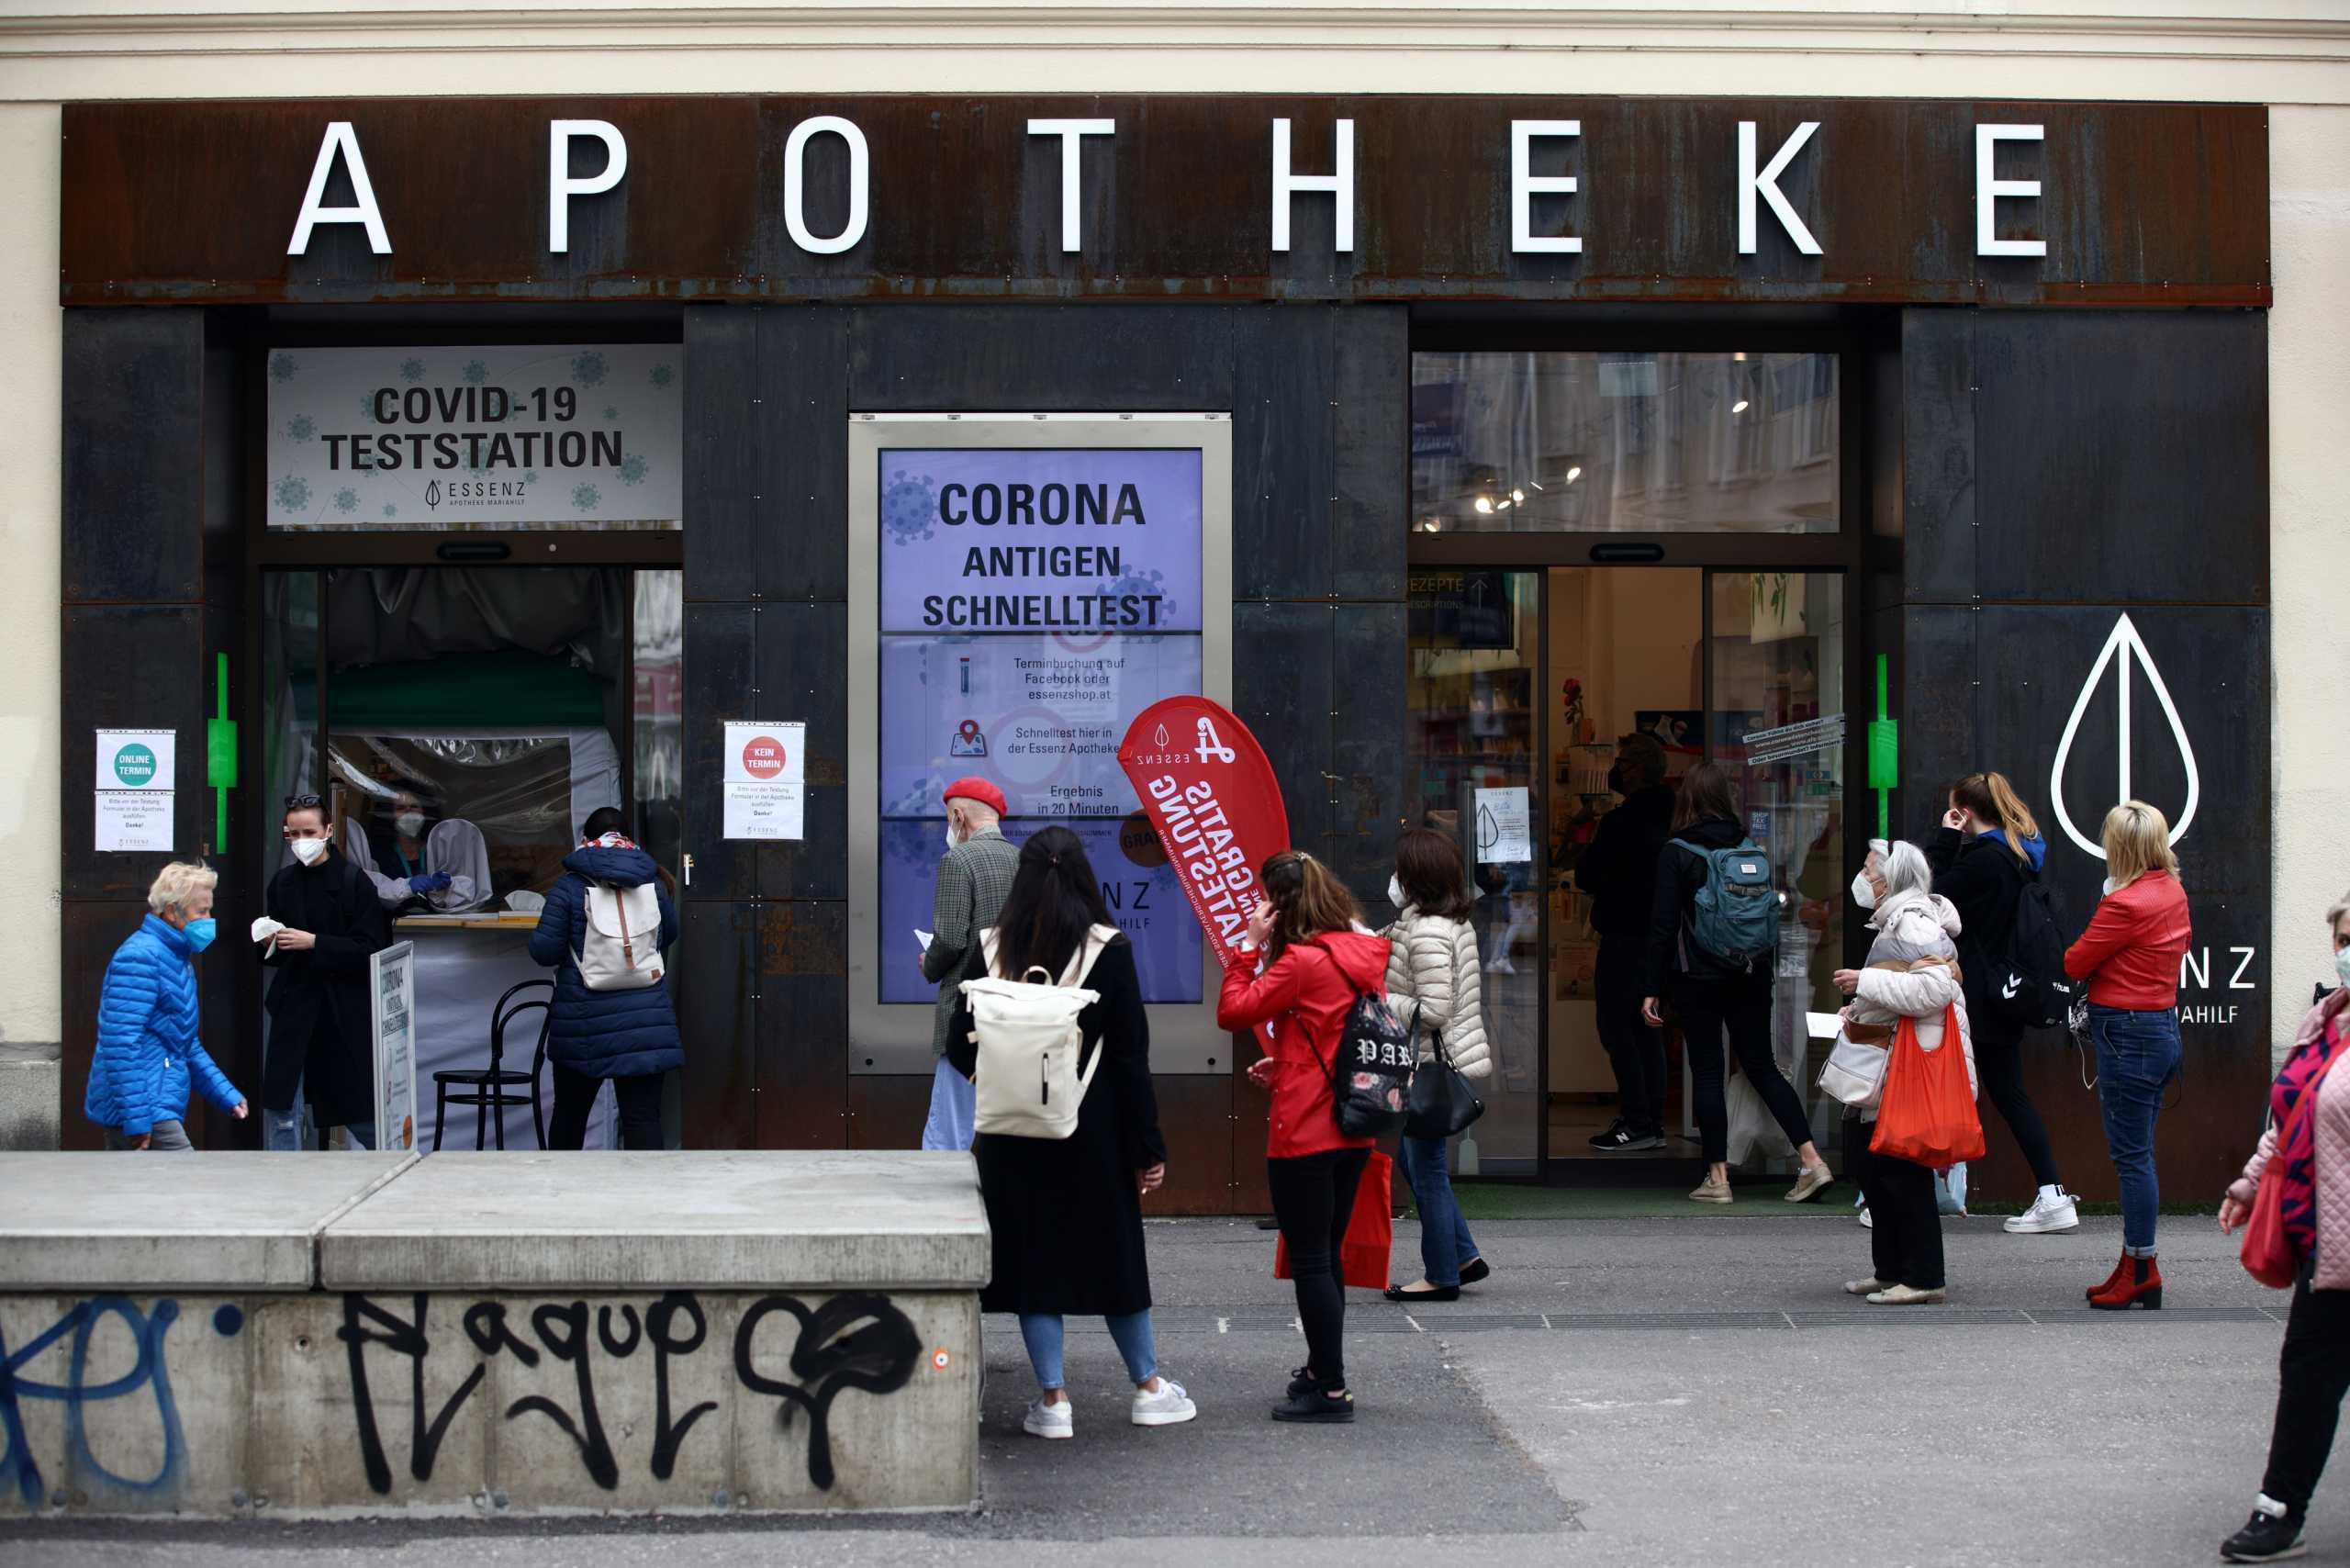 Τέλος το «σκληρό» lockdown σε όλη την Αυστρία – Η Βιέννη «πετά» τις μάσκες στους εξωτερικούς χώρους